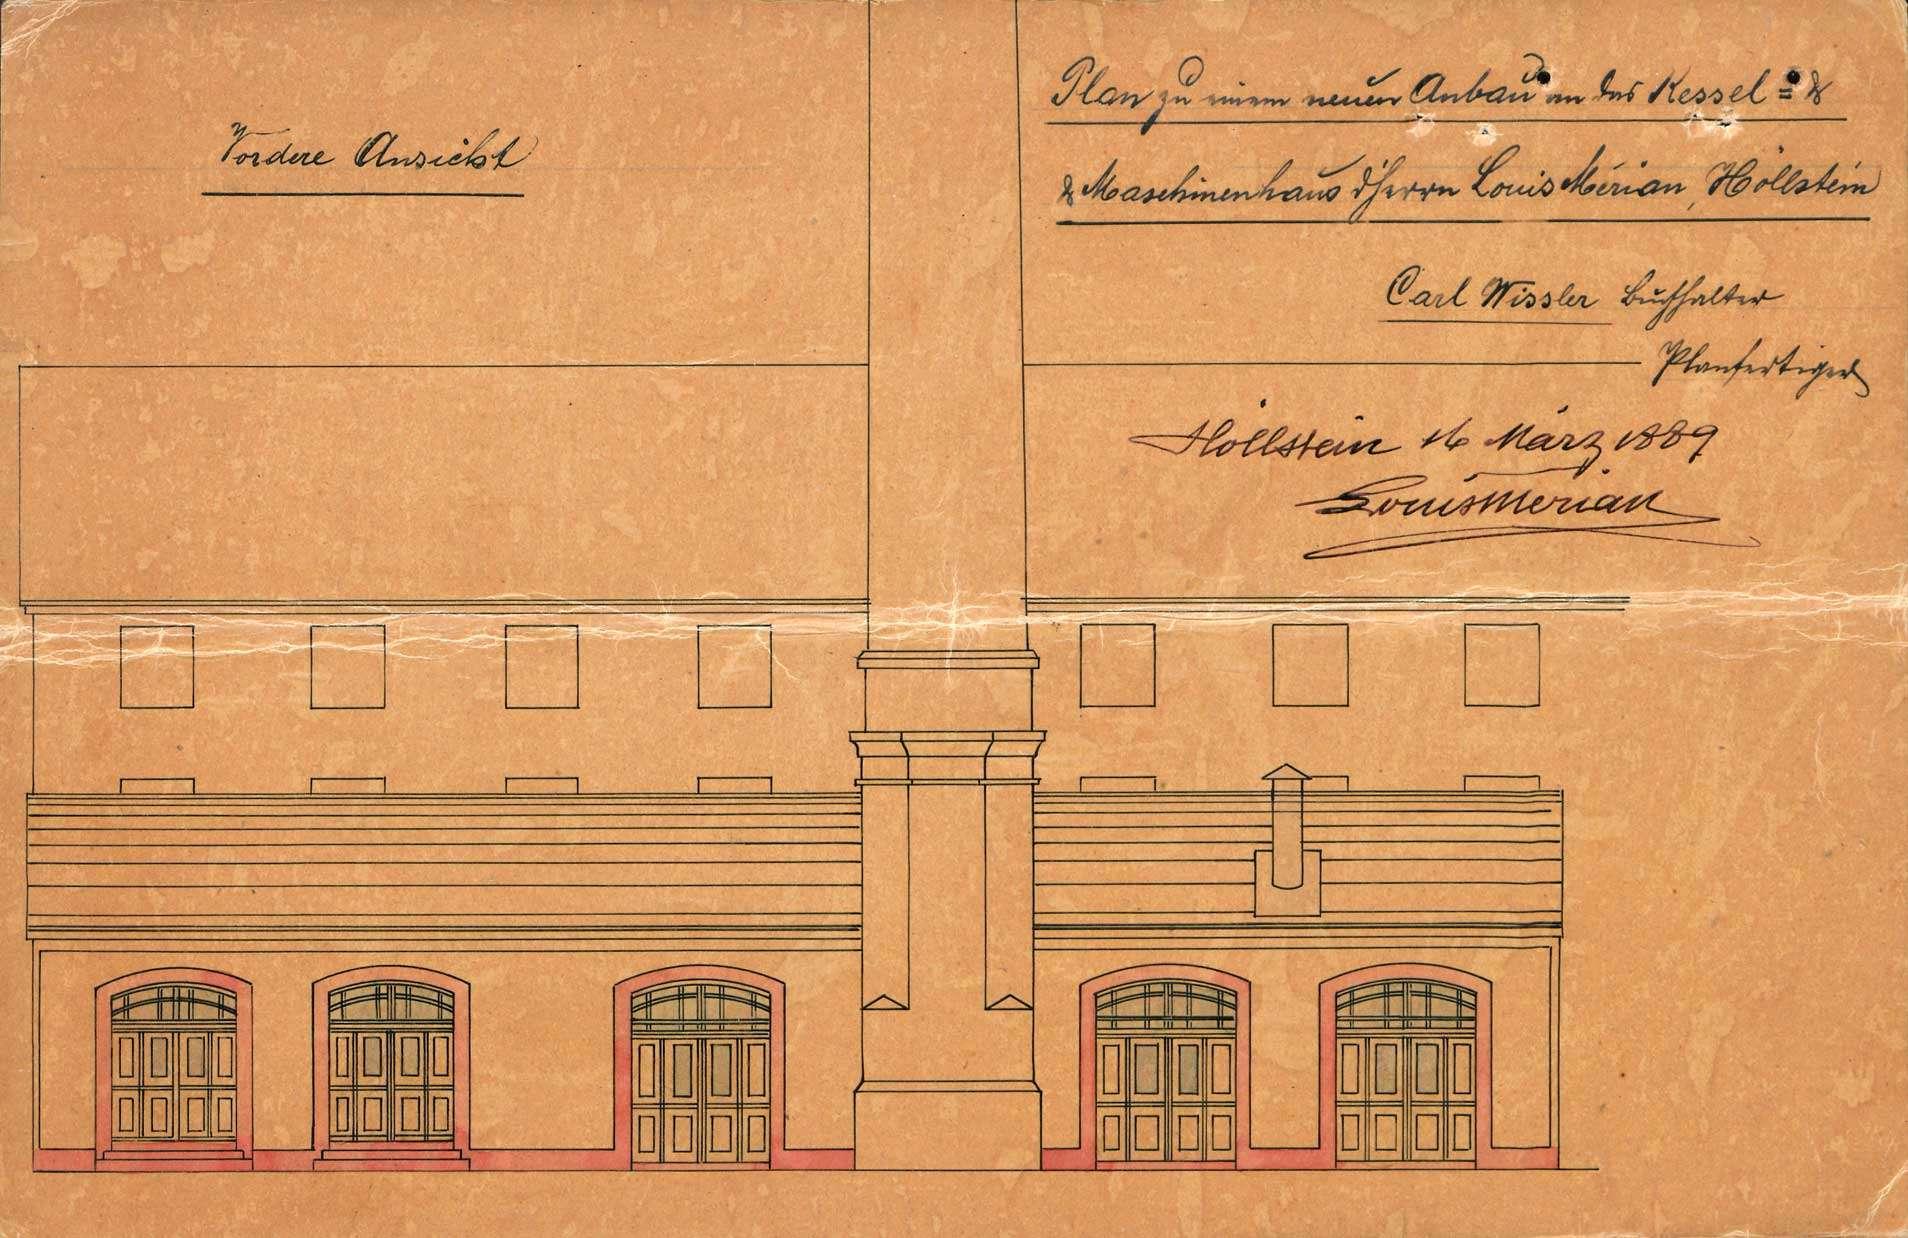 Verlegung der in der Maschinenfabrik des Louis Merian in Höllstein bestehenden Gasfabrik, Bild 2